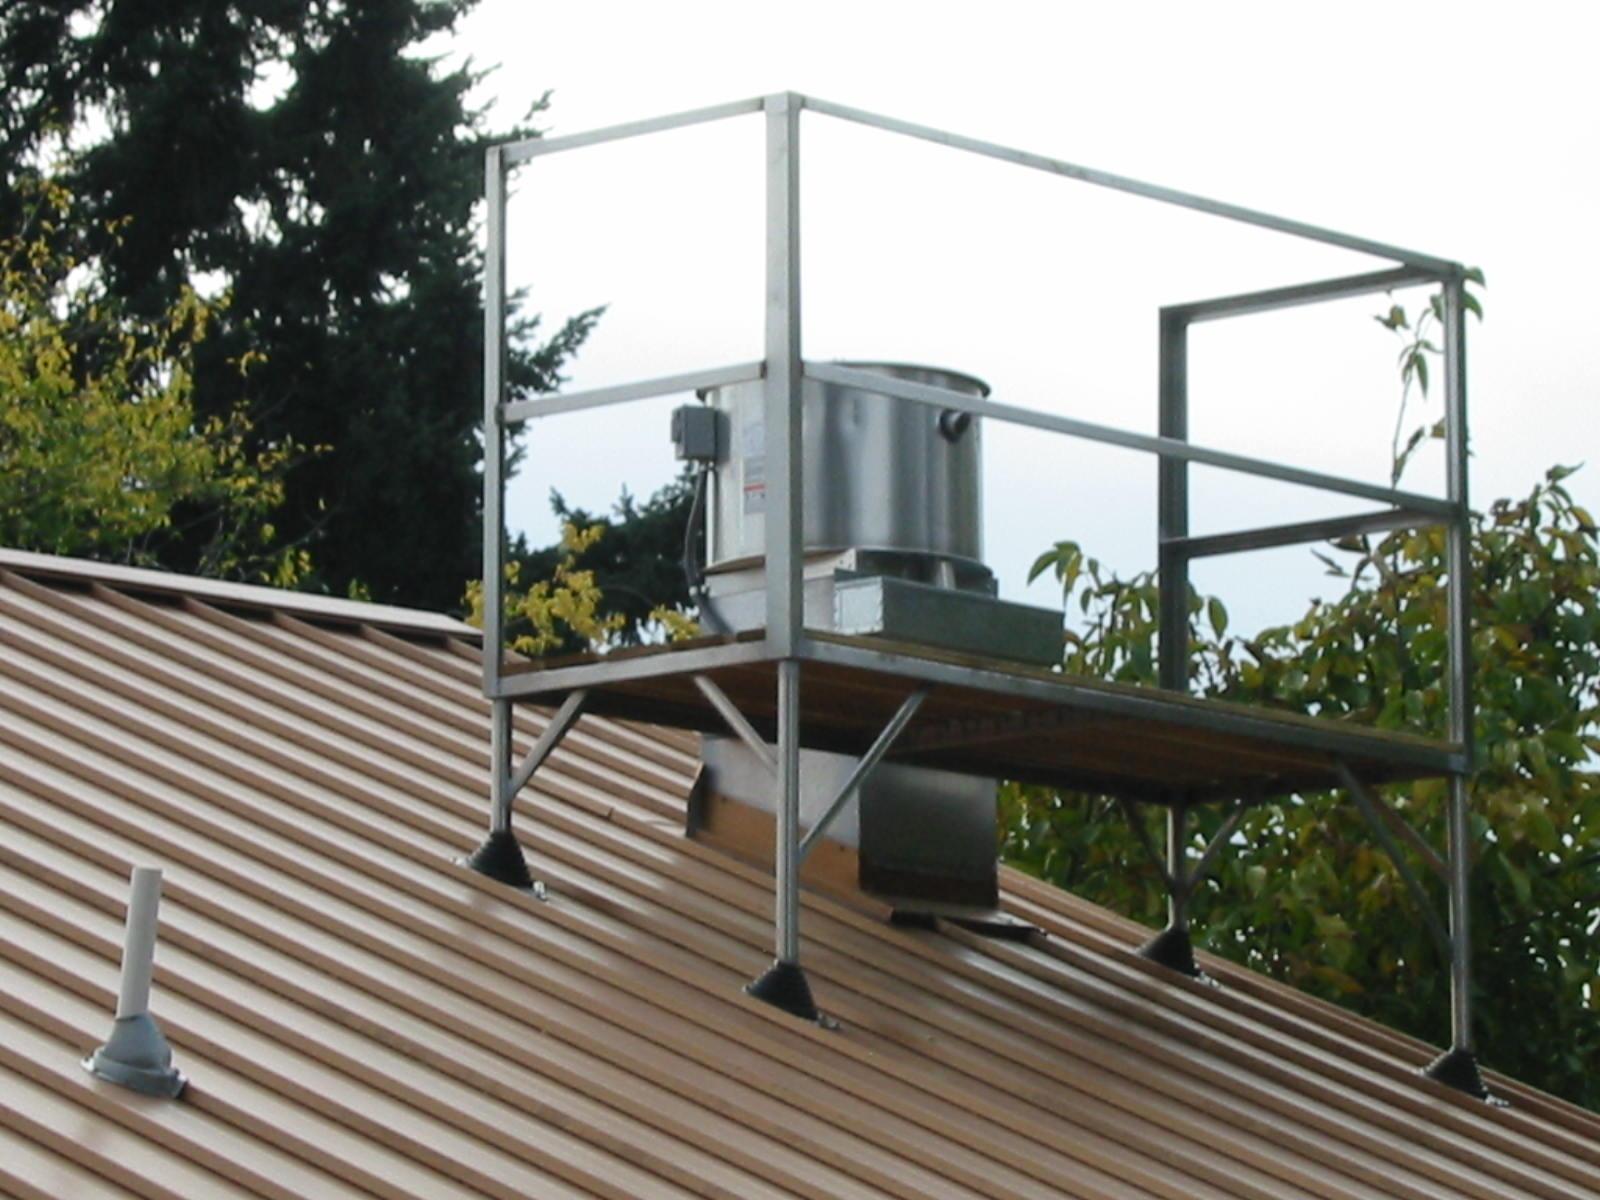 Roof platform1